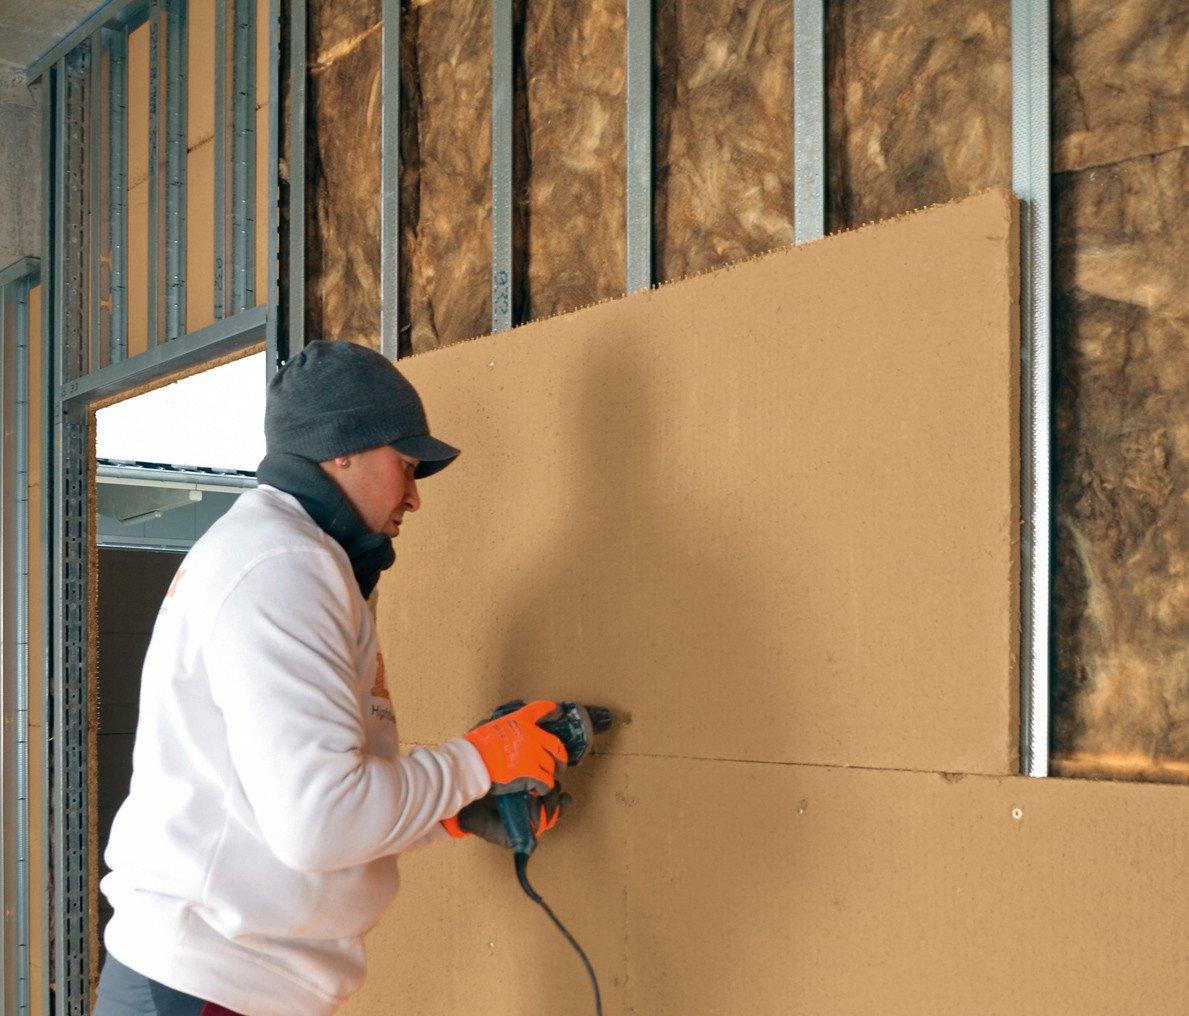 lehmbauplatte f r den innenausbau nachhaltig bauen news archiv baunetz wissen. Black Bedroom Furniture Sets. Home Design Ideas